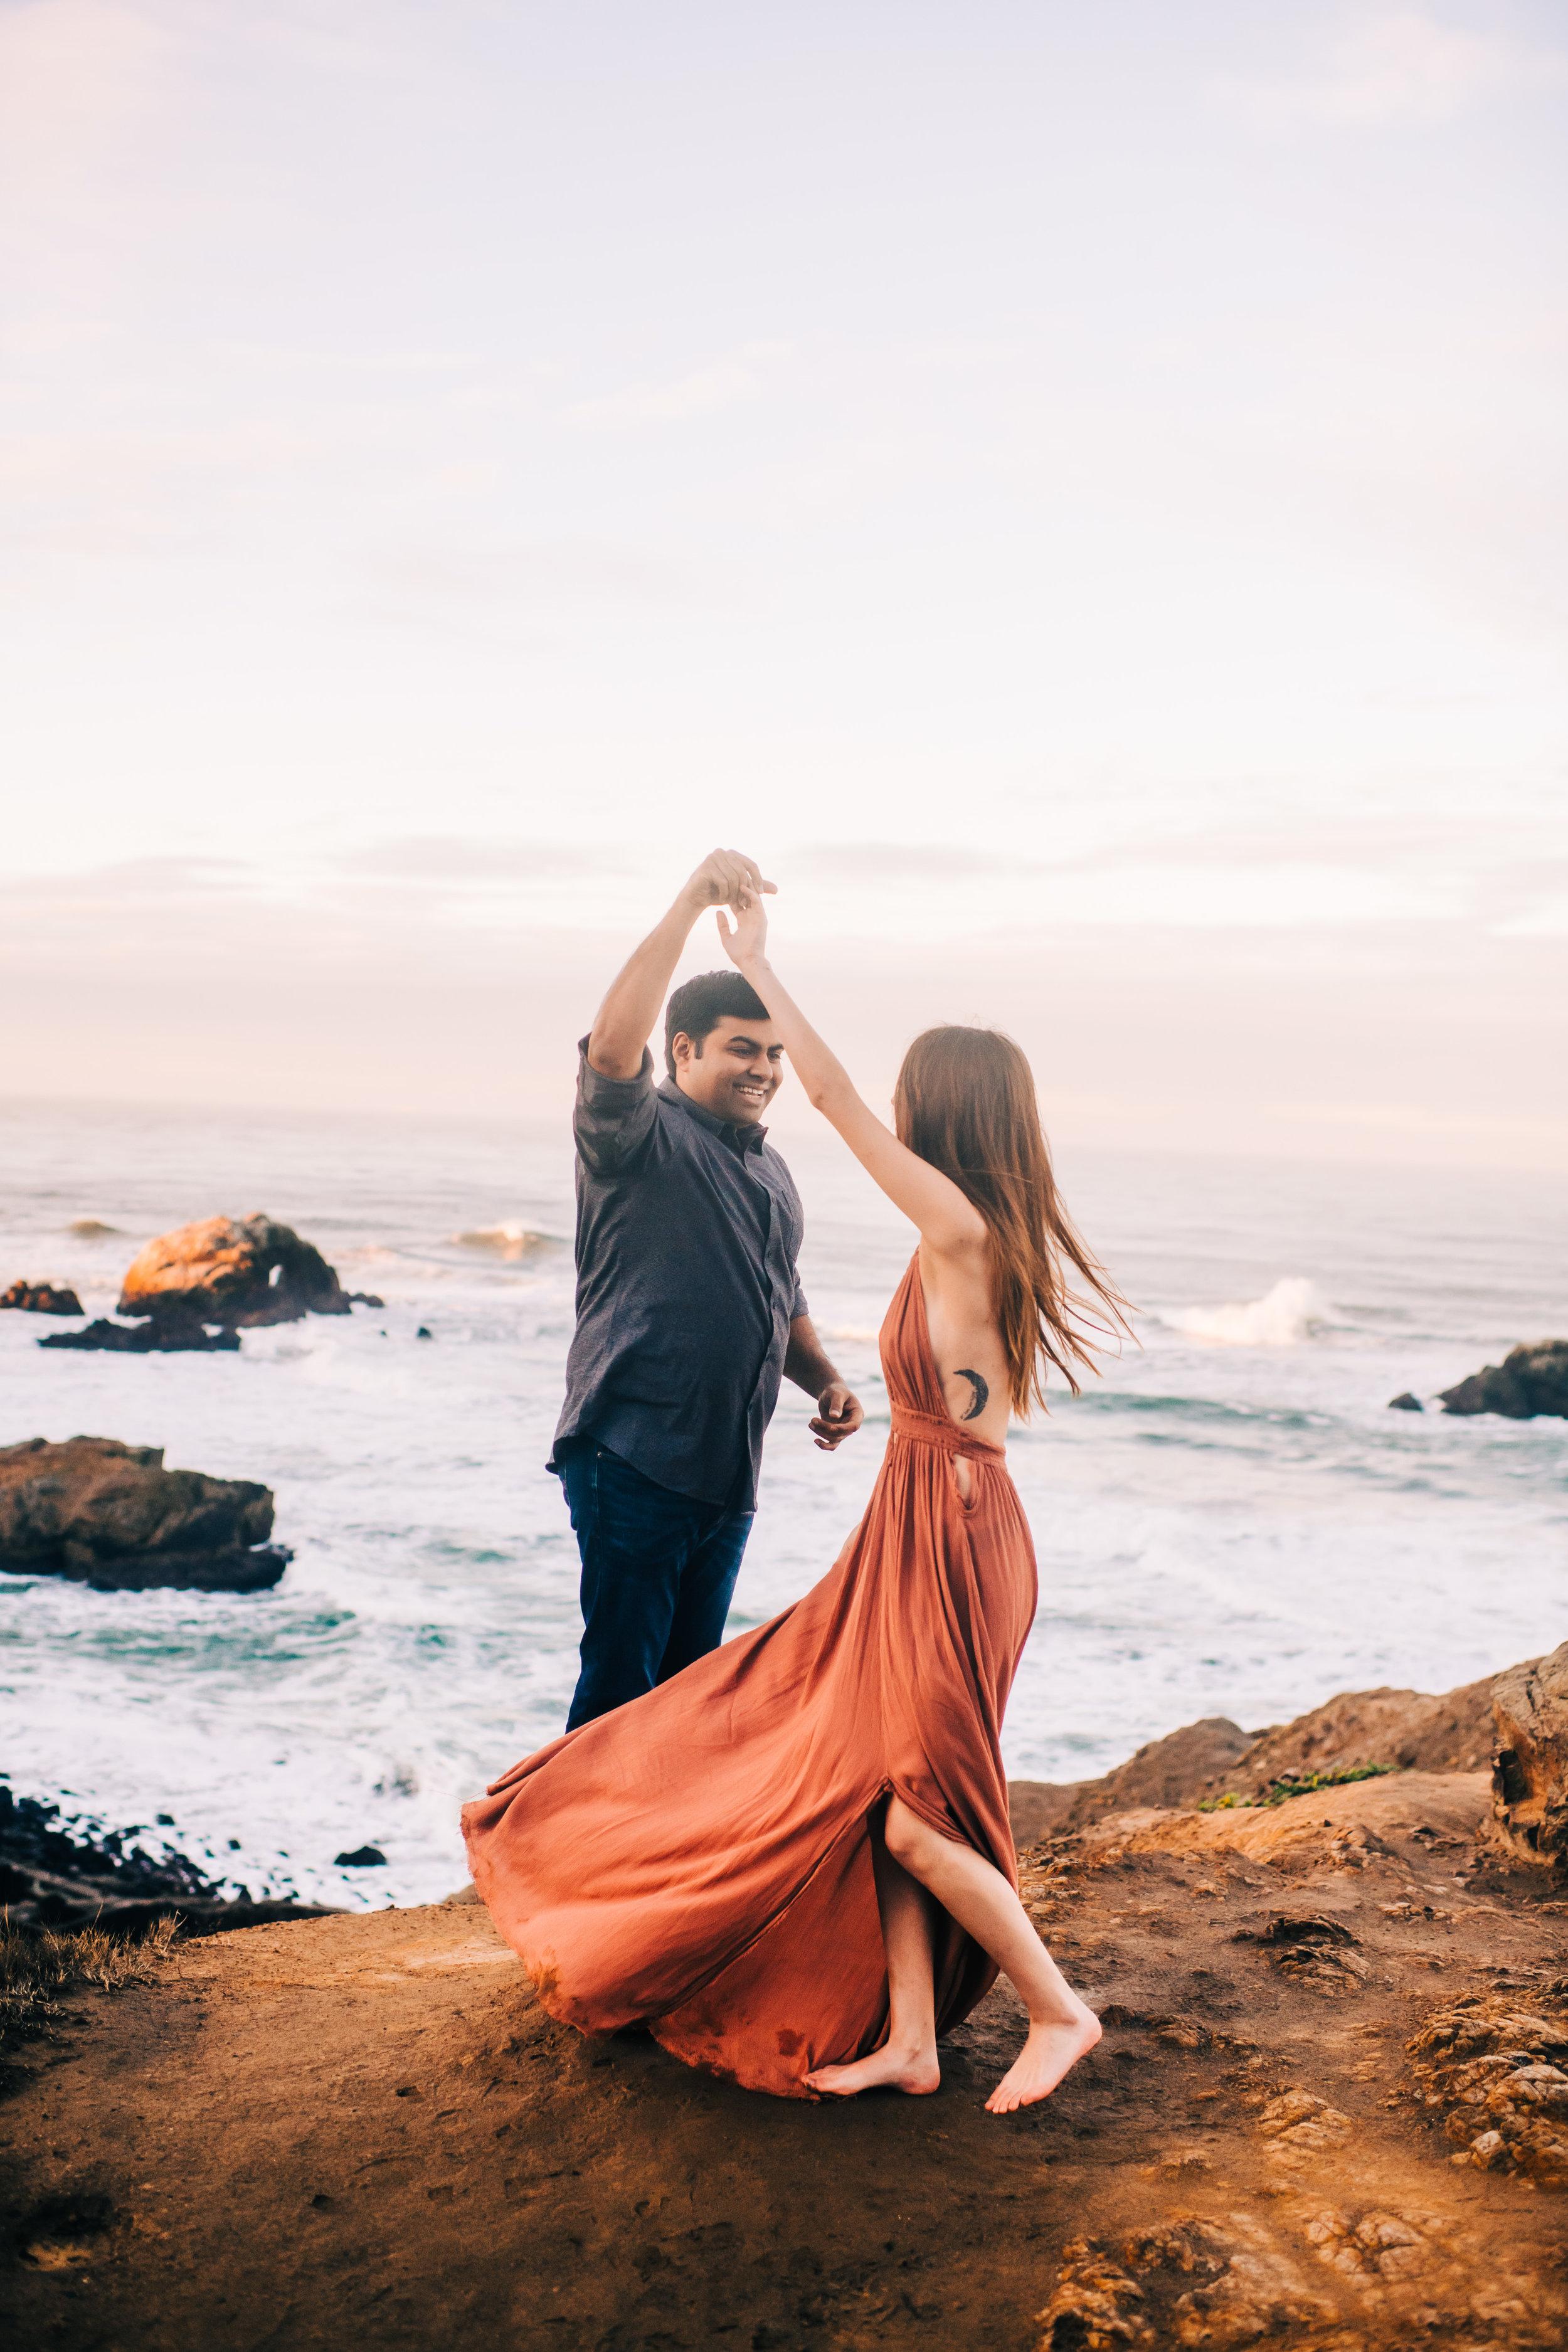 san francisco oakland bay area california sf yosemite sutro baths lands end sf  nontraditional wedding photographer -110.jpg